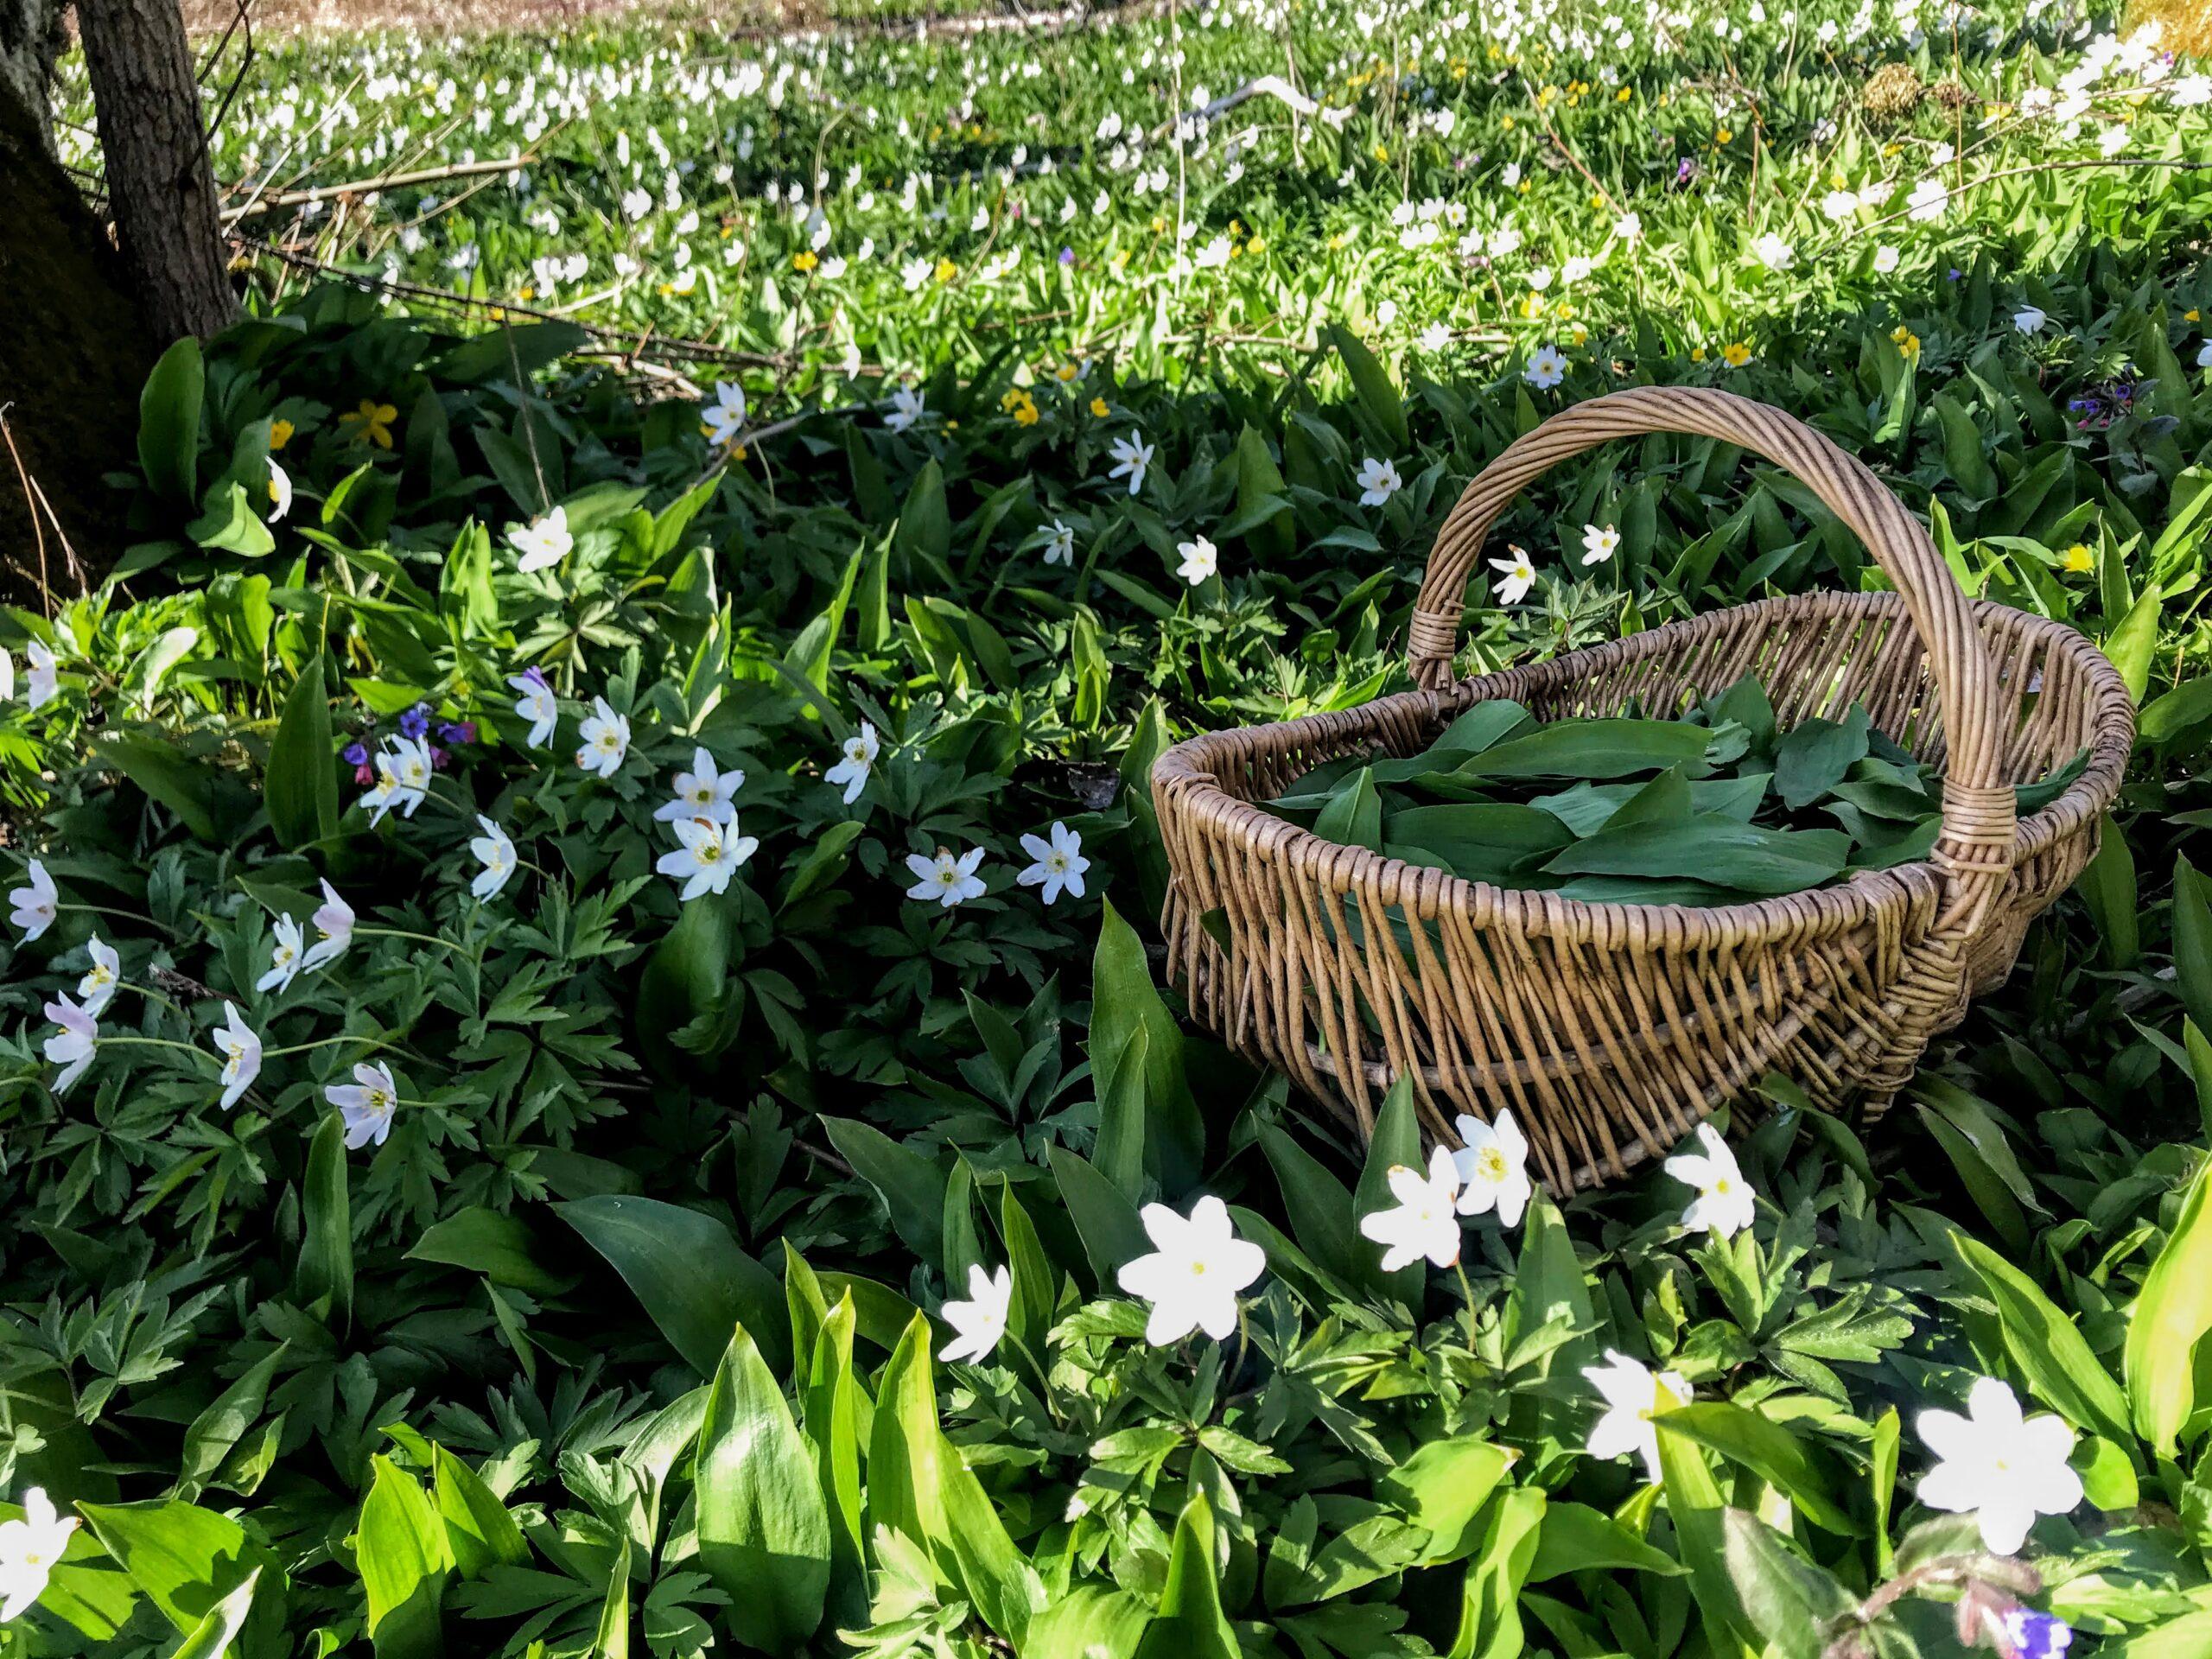 Wild garlic (Allium ursinum) is a very popular springtime herb. Photo: Margit Kõrvits